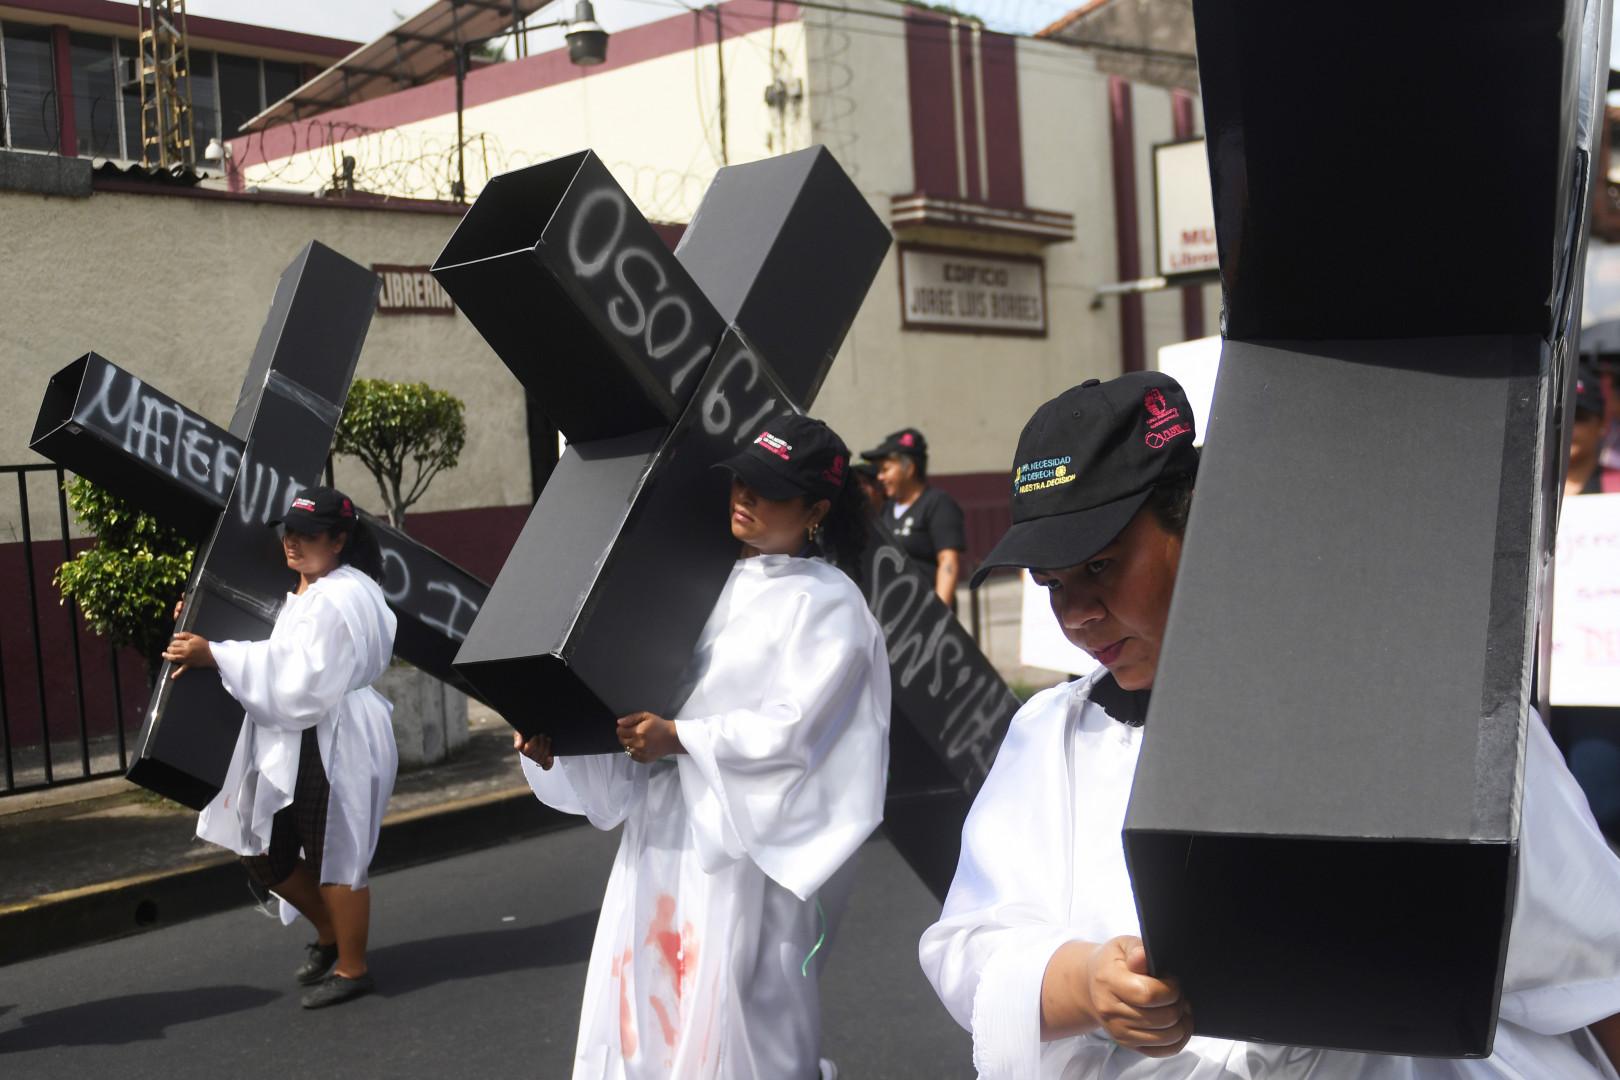 Une manifestation pour le droit à l'avortement à San Salvador, le 28 septembre 2017